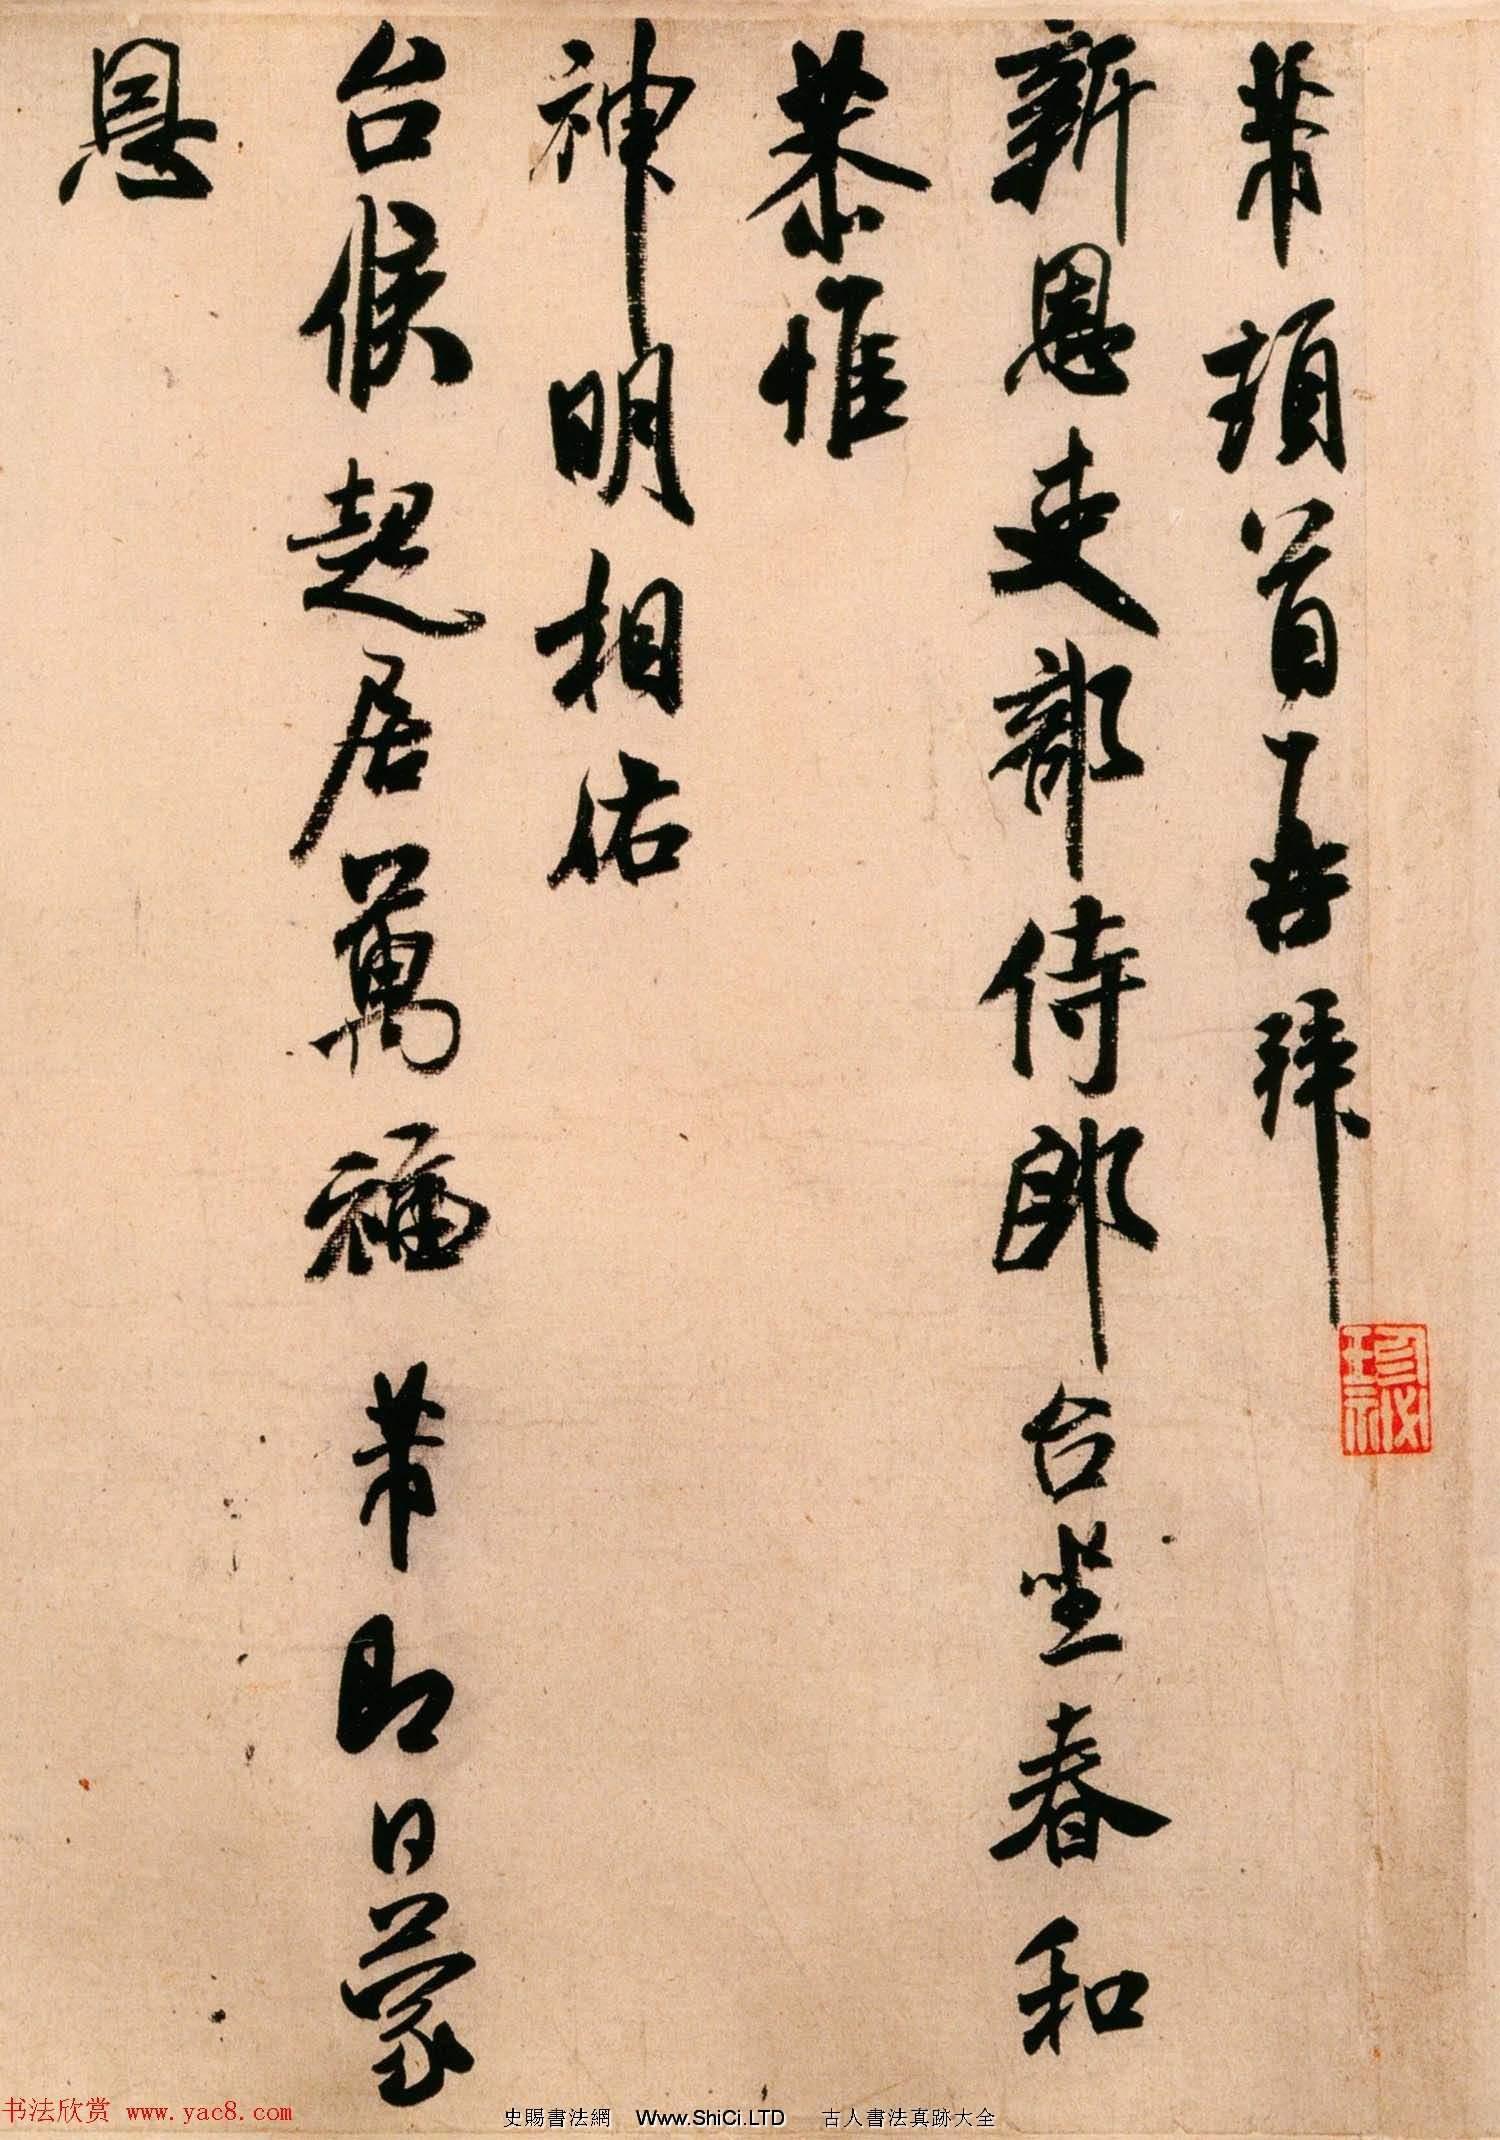 米芾晚期作品行書尺牘《新恩帖》